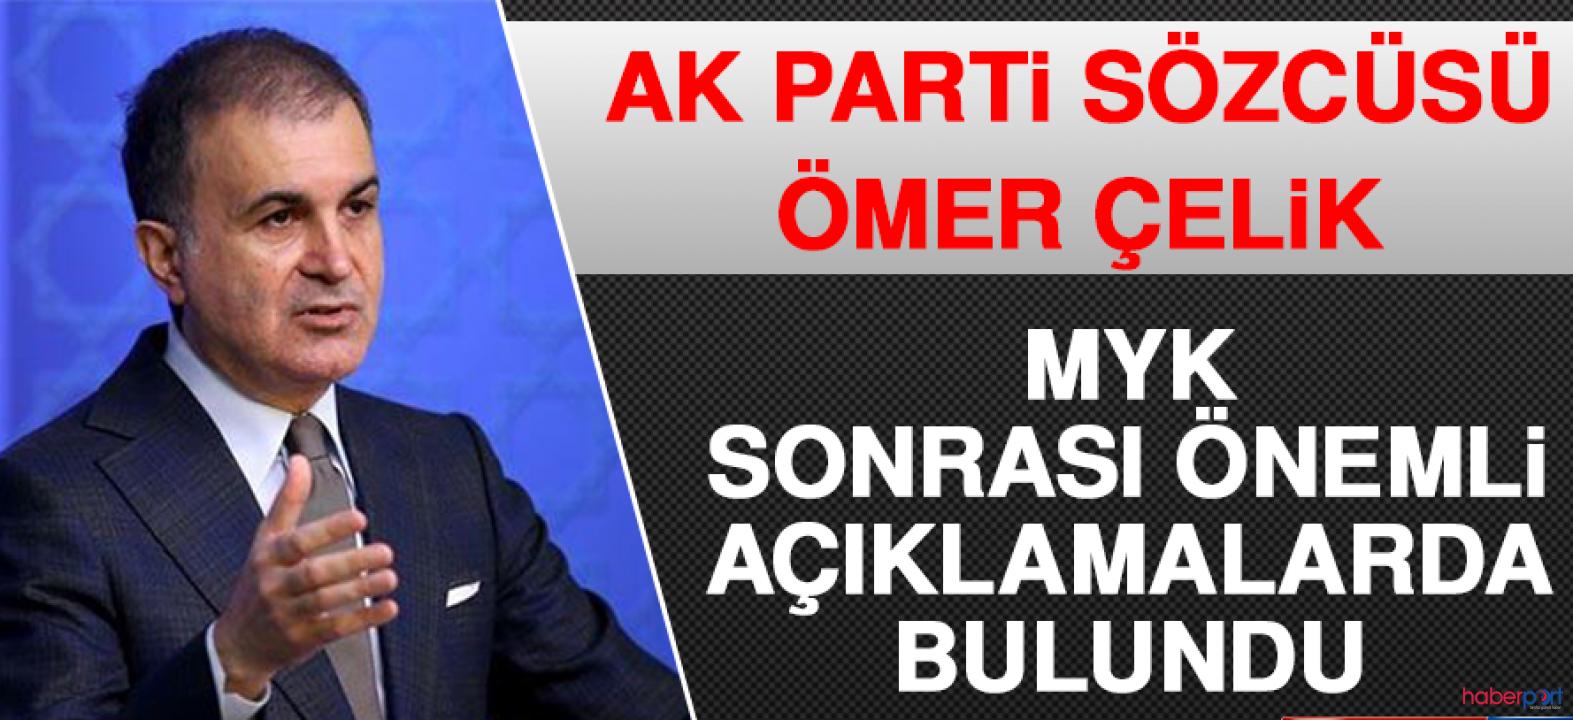 MYK'da neler görüşüldü? AK Parti sözcüsü Çelik açıkladı!